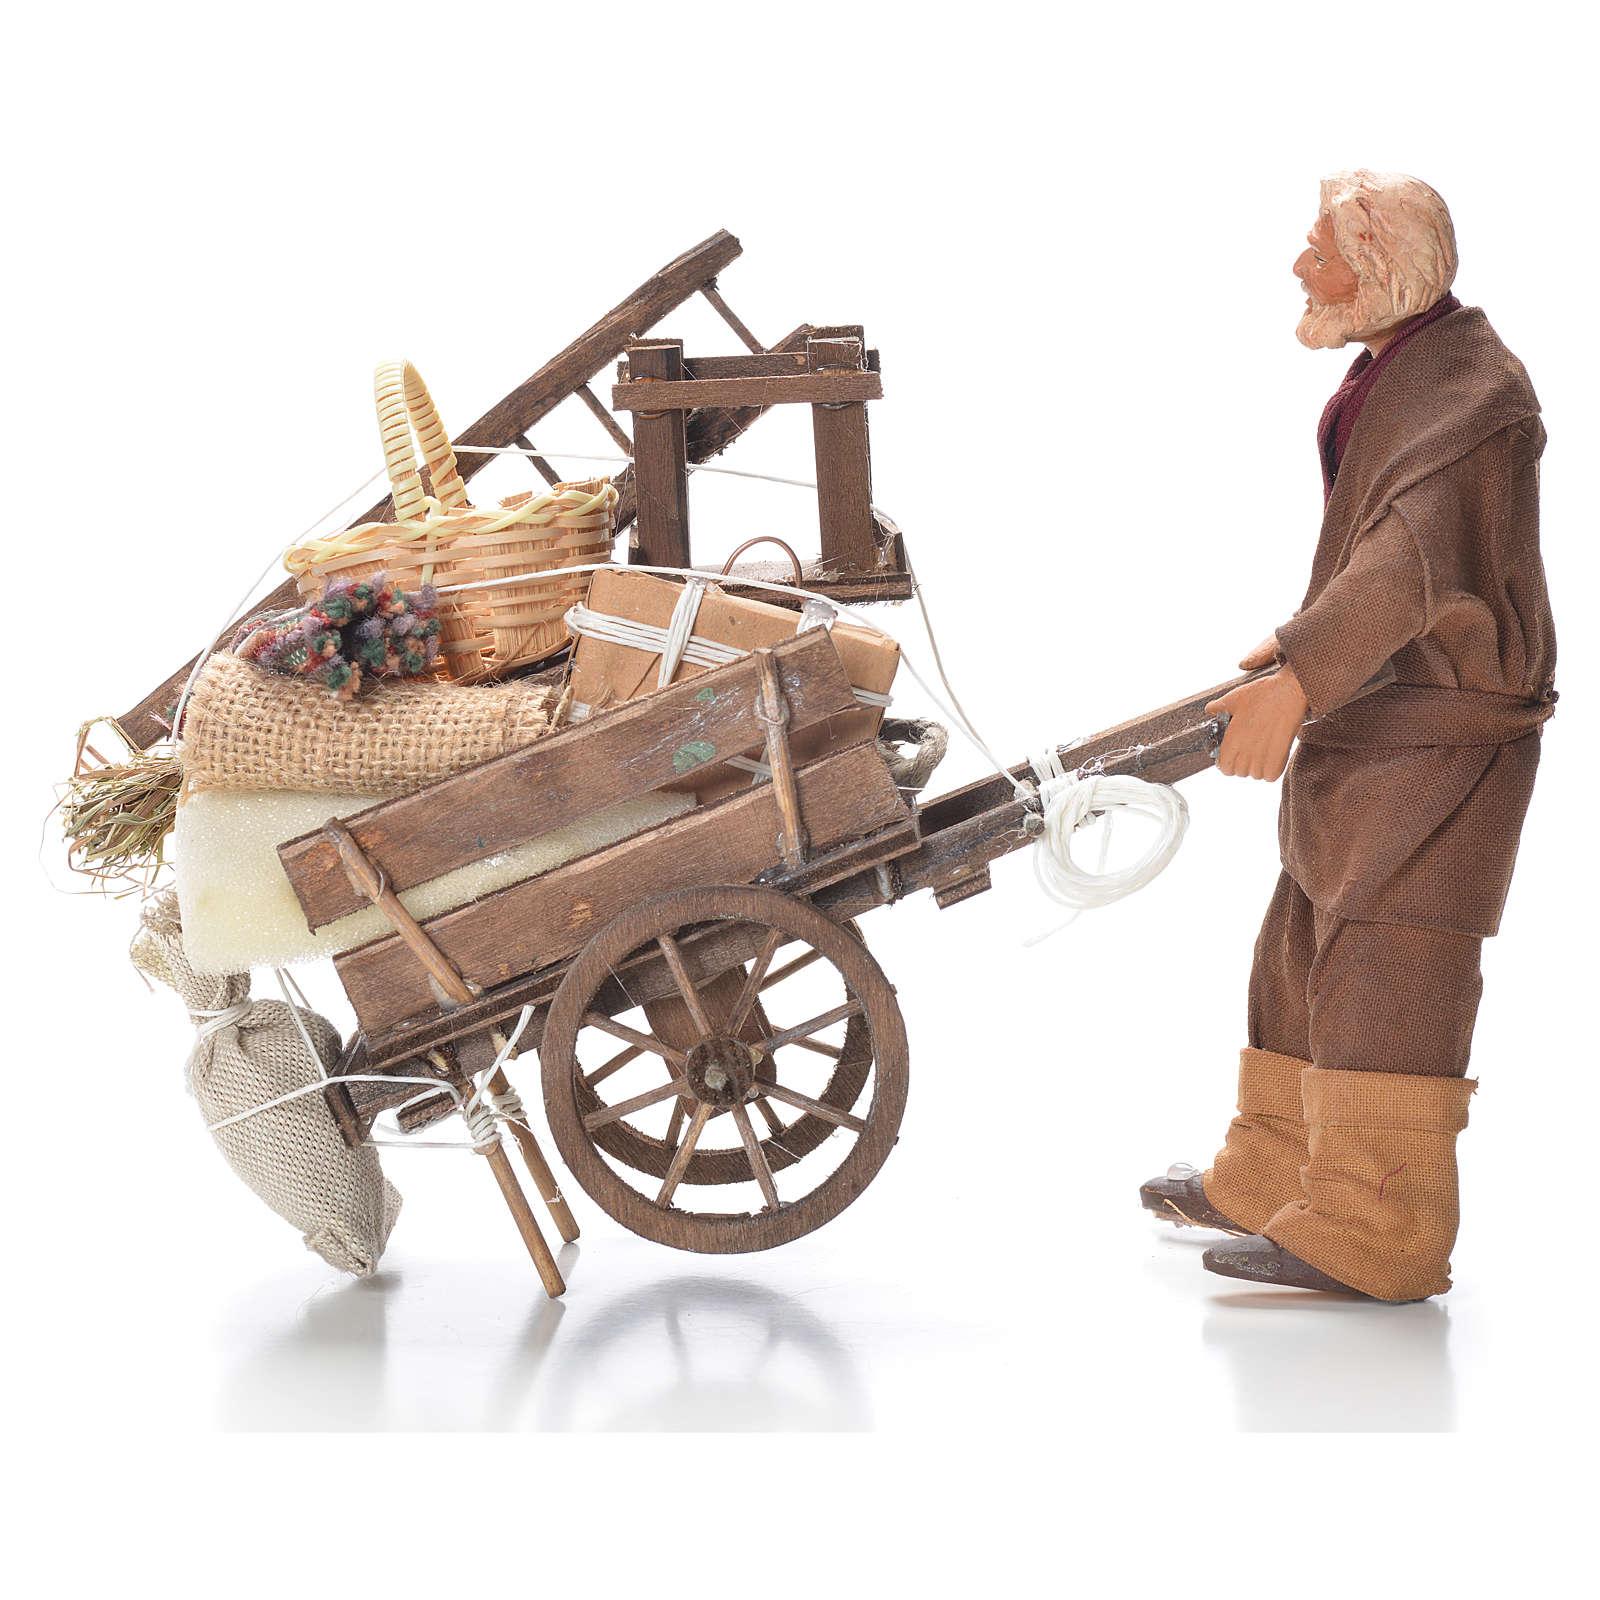 Uomo con carro sfrattato 14 cm presepe Napoli 4